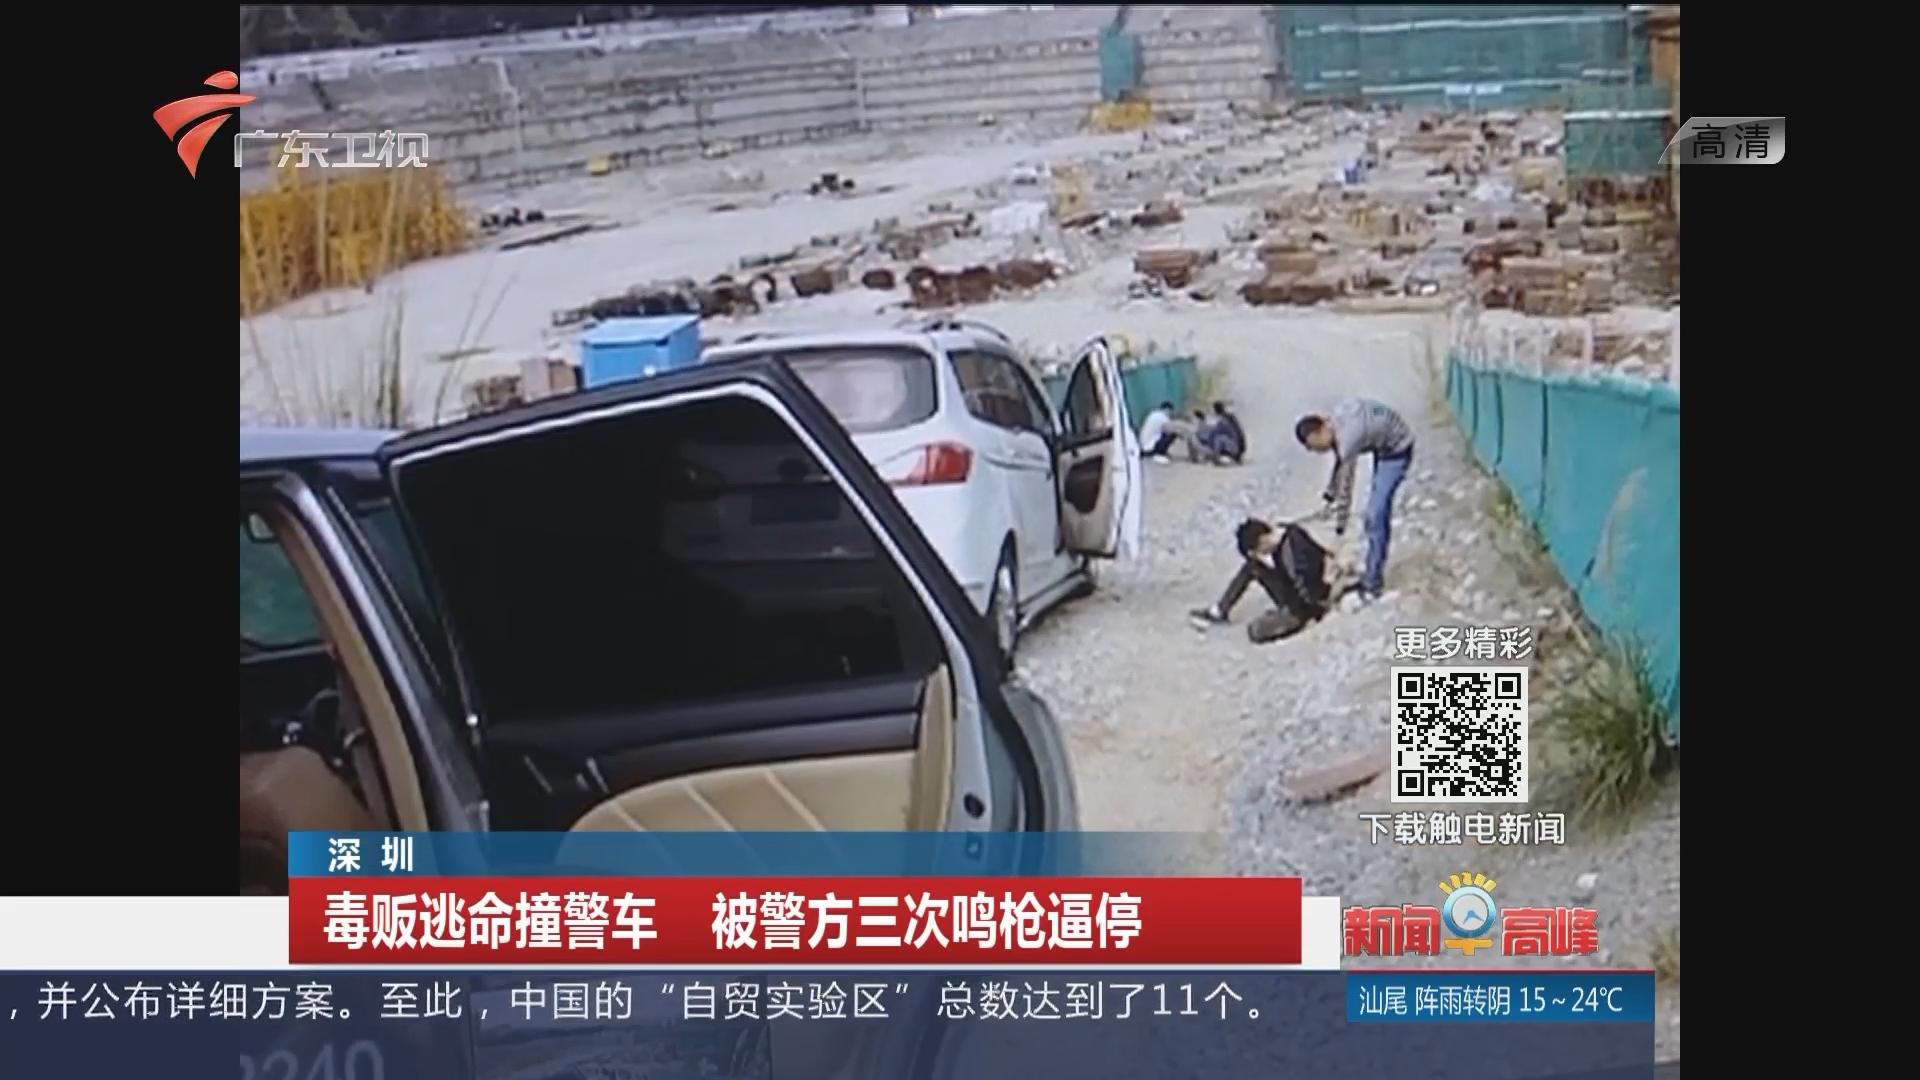 深圳:毒贩逃命撞警车 被警方三次鸣枪逼停